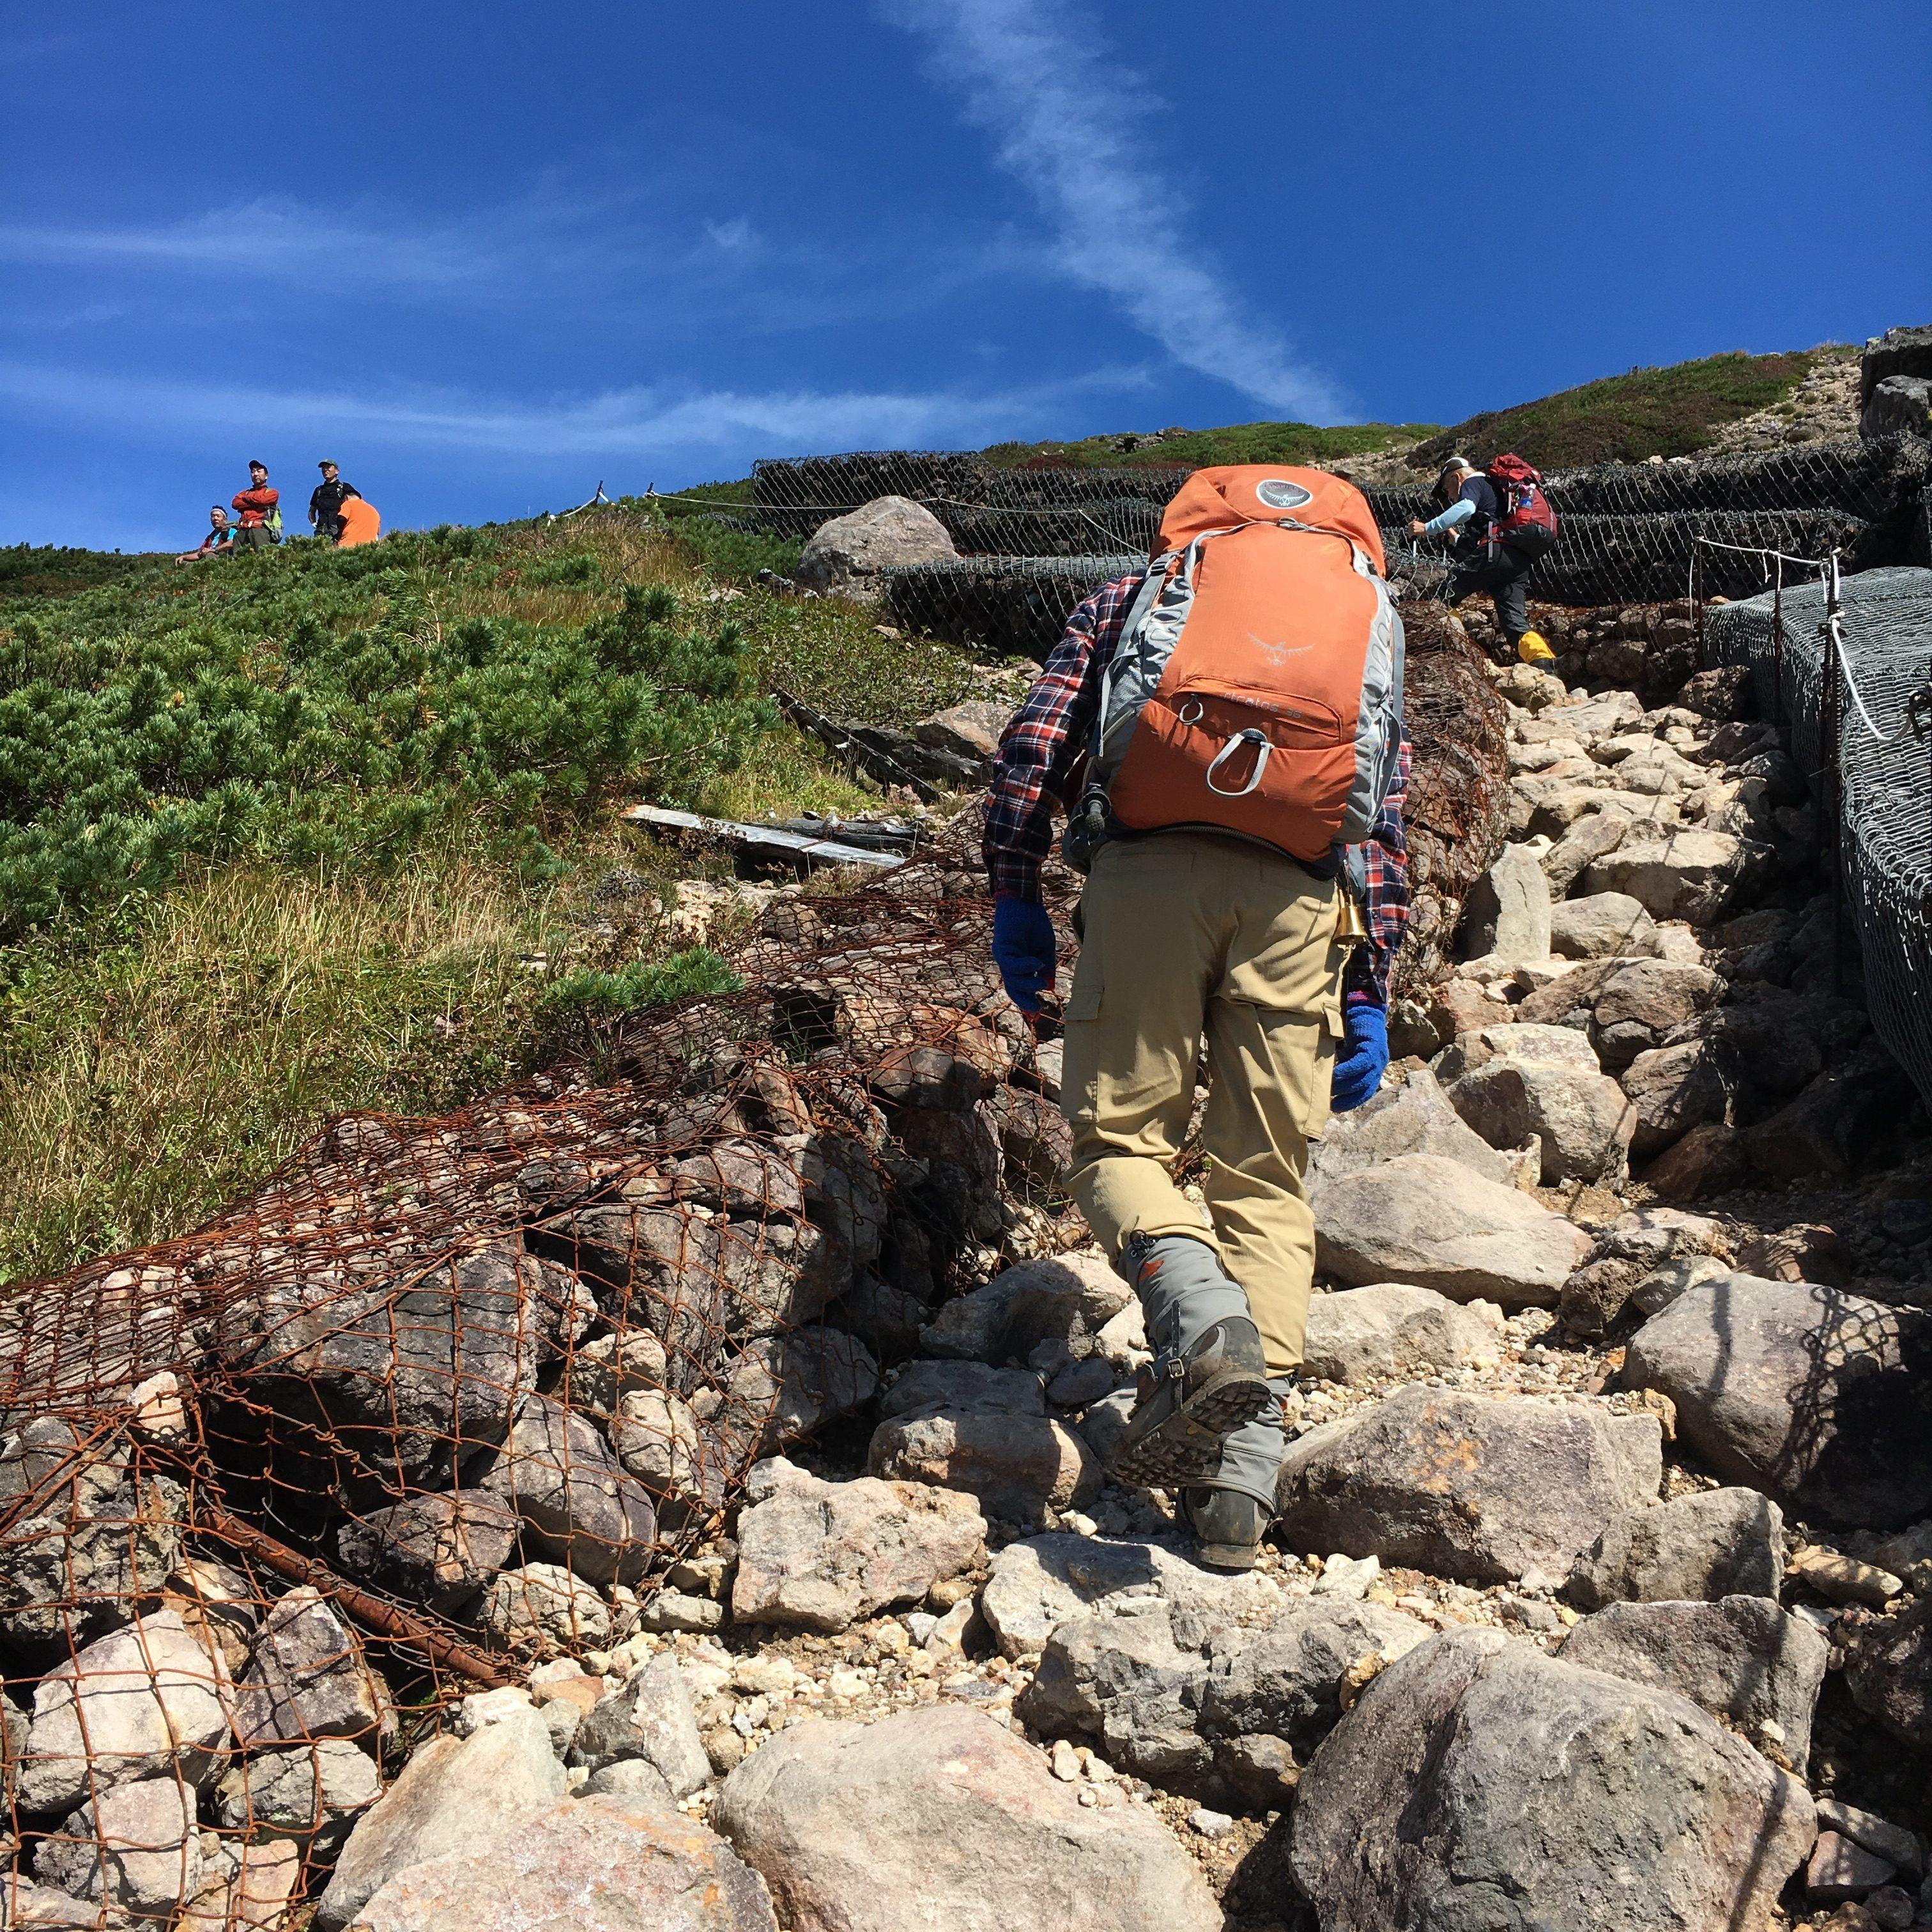 登山やトレッキングを楽しむために疲れない山の歩き方